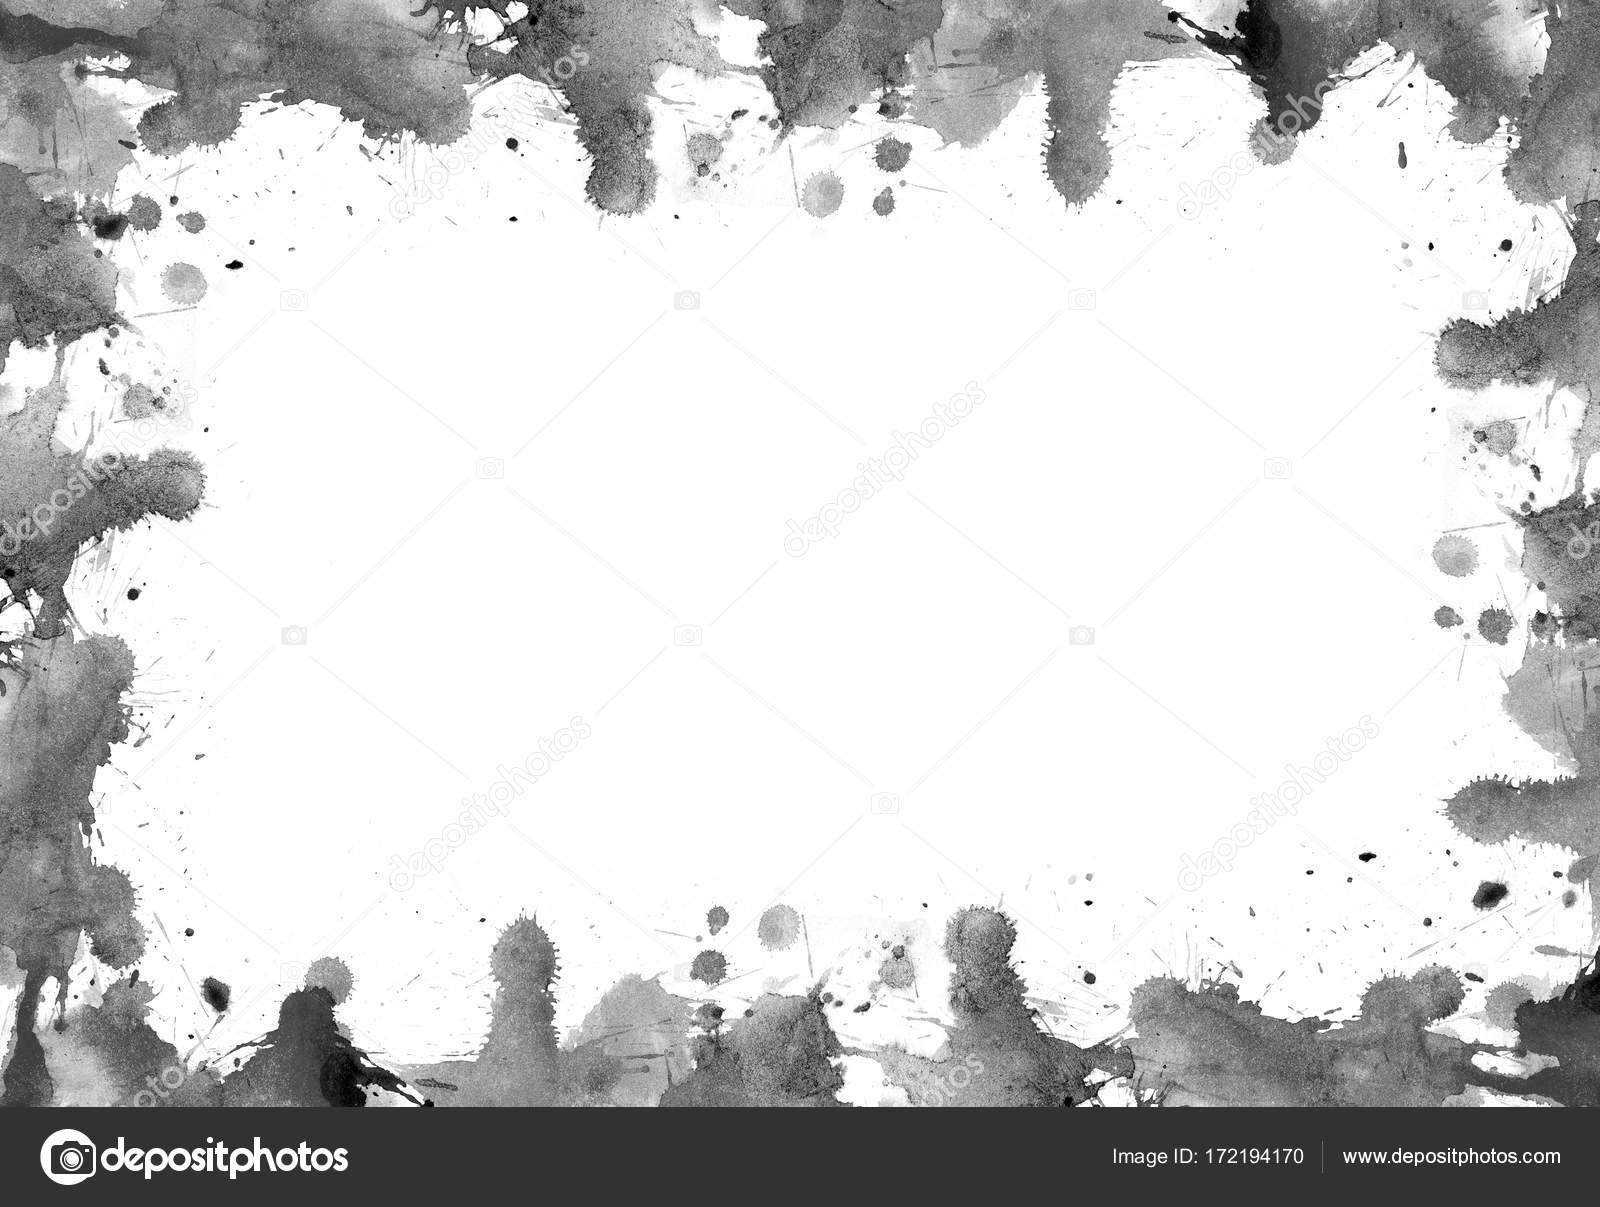 Marco de manchas y salpicaduras de pinturas de acuarelas — Foto de ...